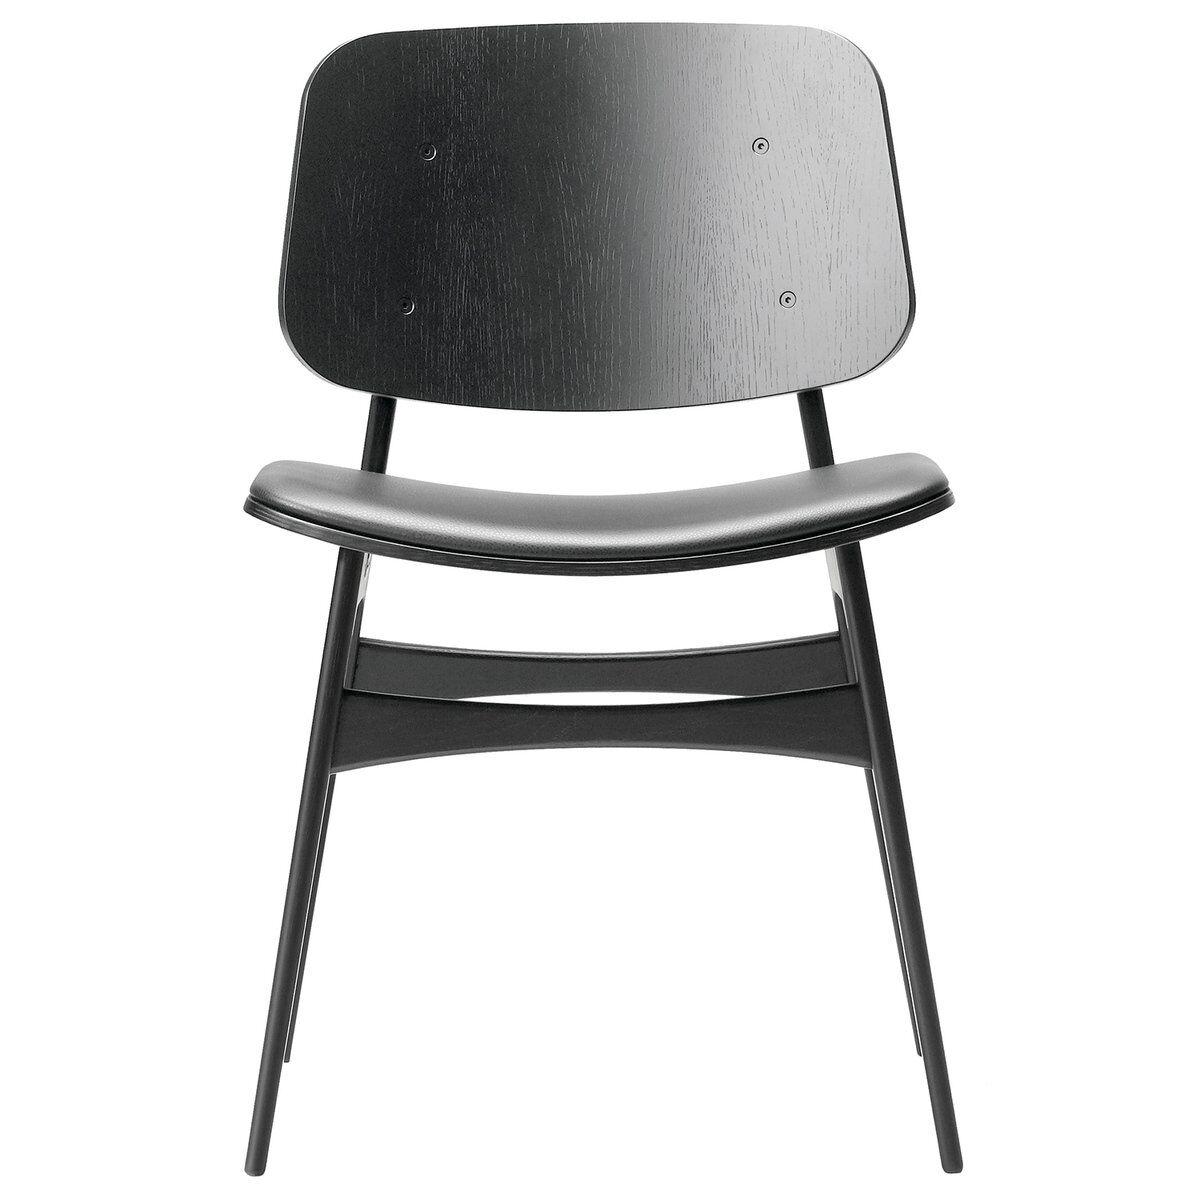 Fredericia S�borg tuoli 3051, puurunko, musta tammi - musta nahka